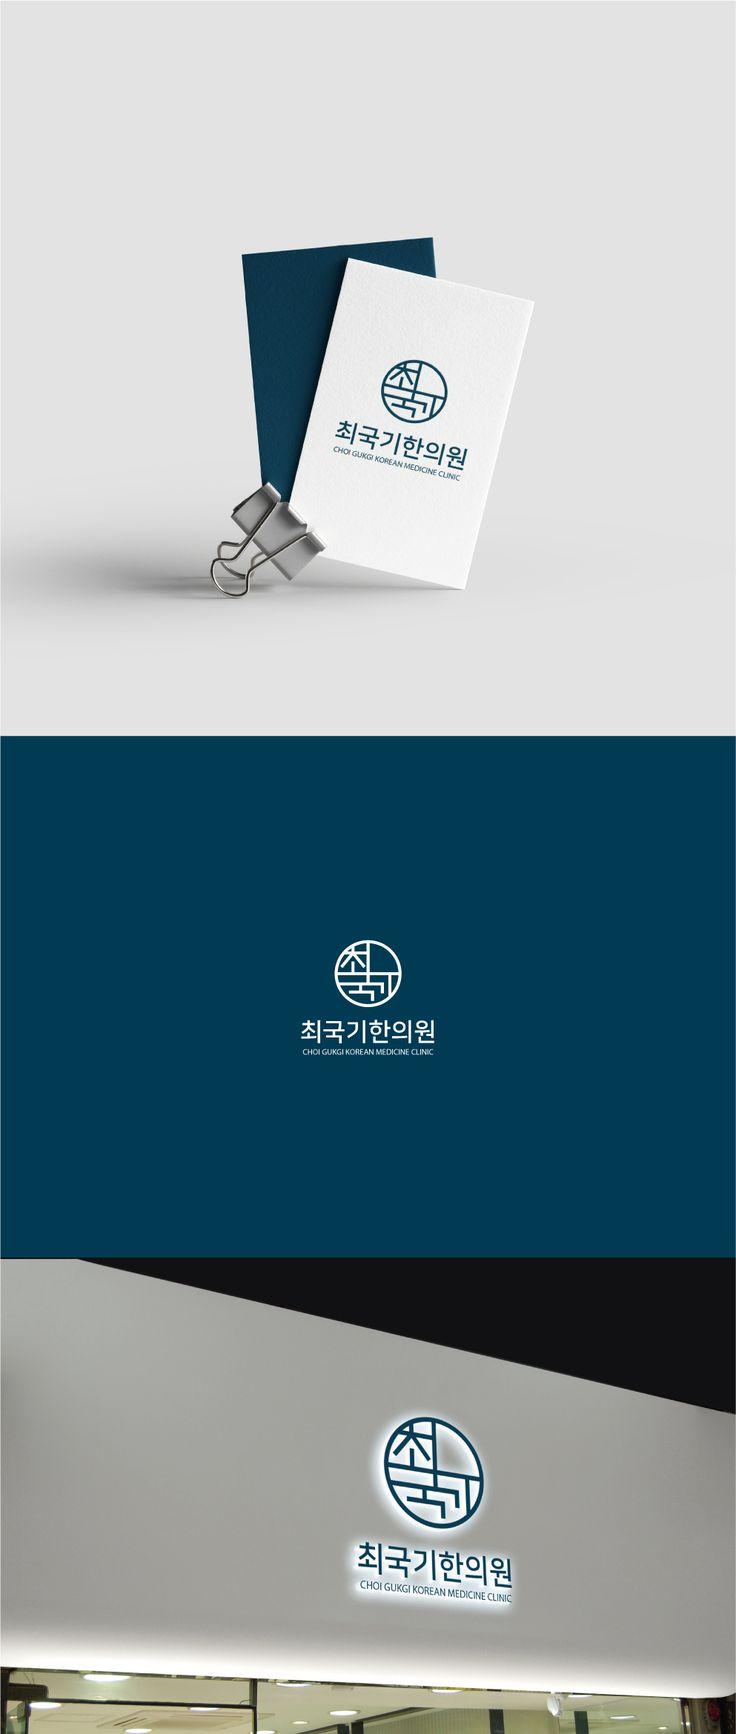 최국기한의원 / Design by creator870 / 라인을 활용하여 도장을 연상시키는 레터링 심볼을 만든 깔끔하고 세련미 있는 우승작입니다! #로고디자인 #최국기한의원 #한의원 #한글 #라인 #레터링 #병원 #브랜딩 #브랜딩디자인 #브랜드디자인 #BI #라우드소싱 #디자인의뢰 #디자인 #디자이너 #로고 #logo #logodesign #design #심볼 #디자인공모전 #공모전